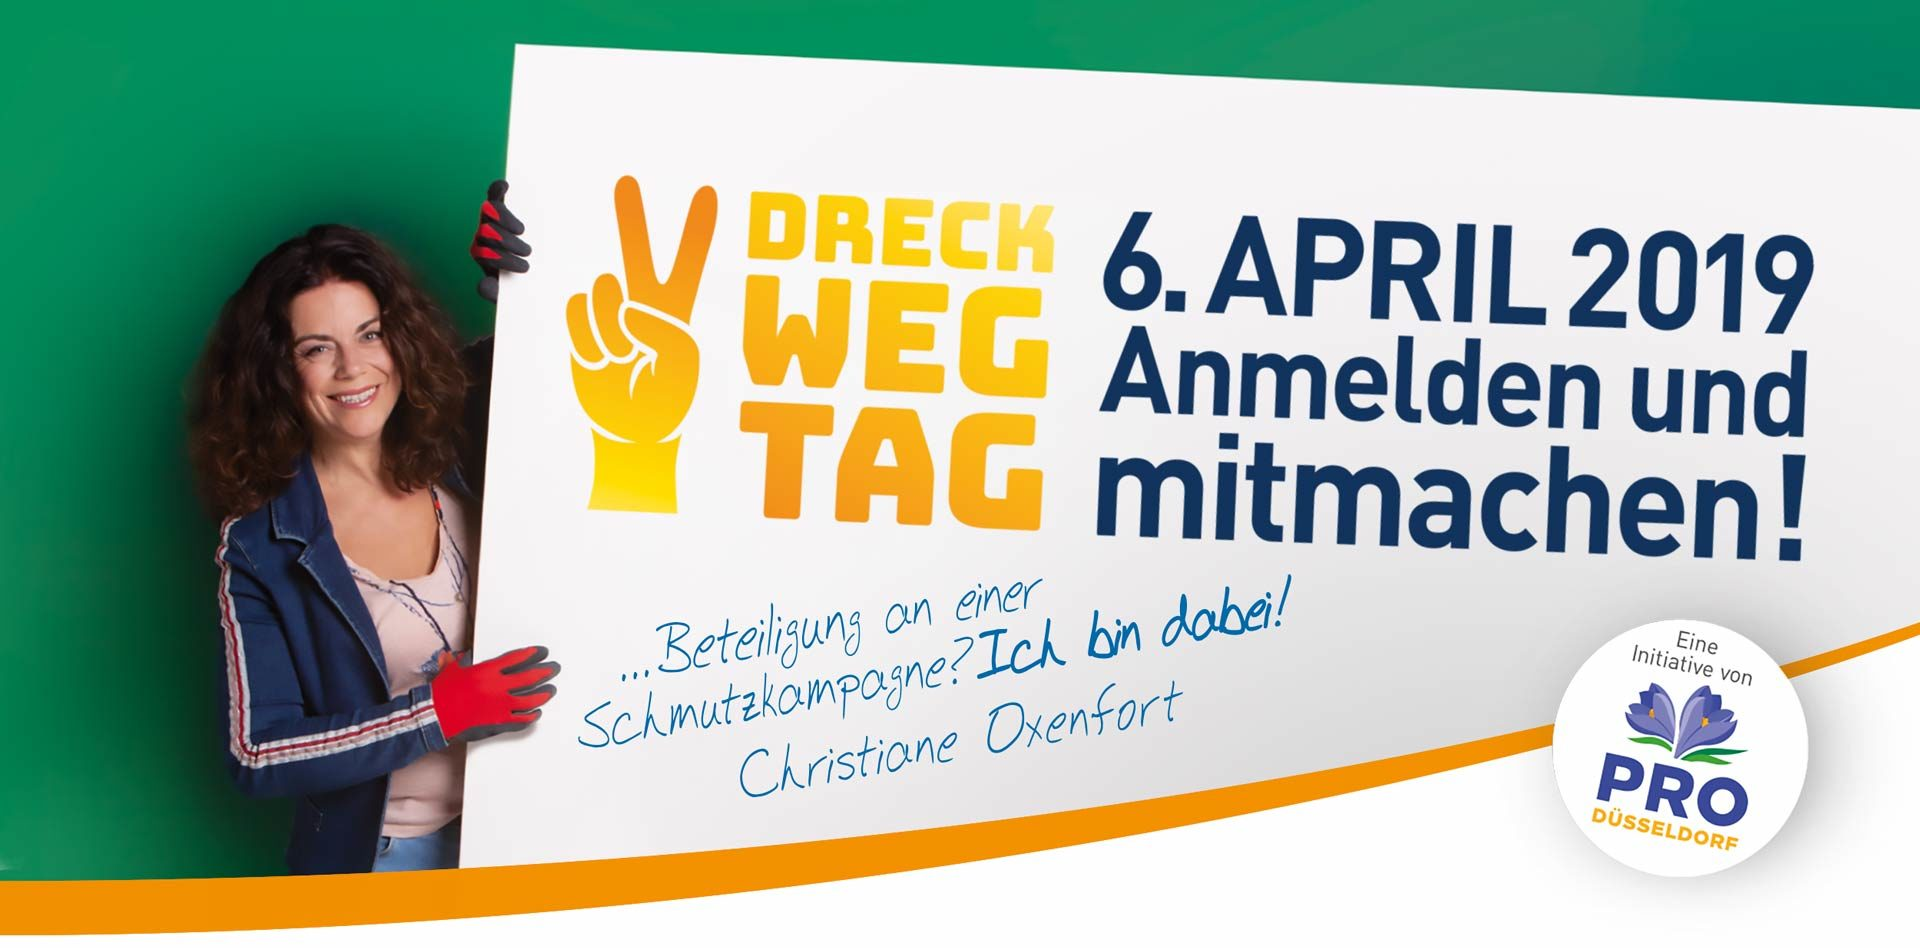 Christiane Oxenfort ist mit dabei!